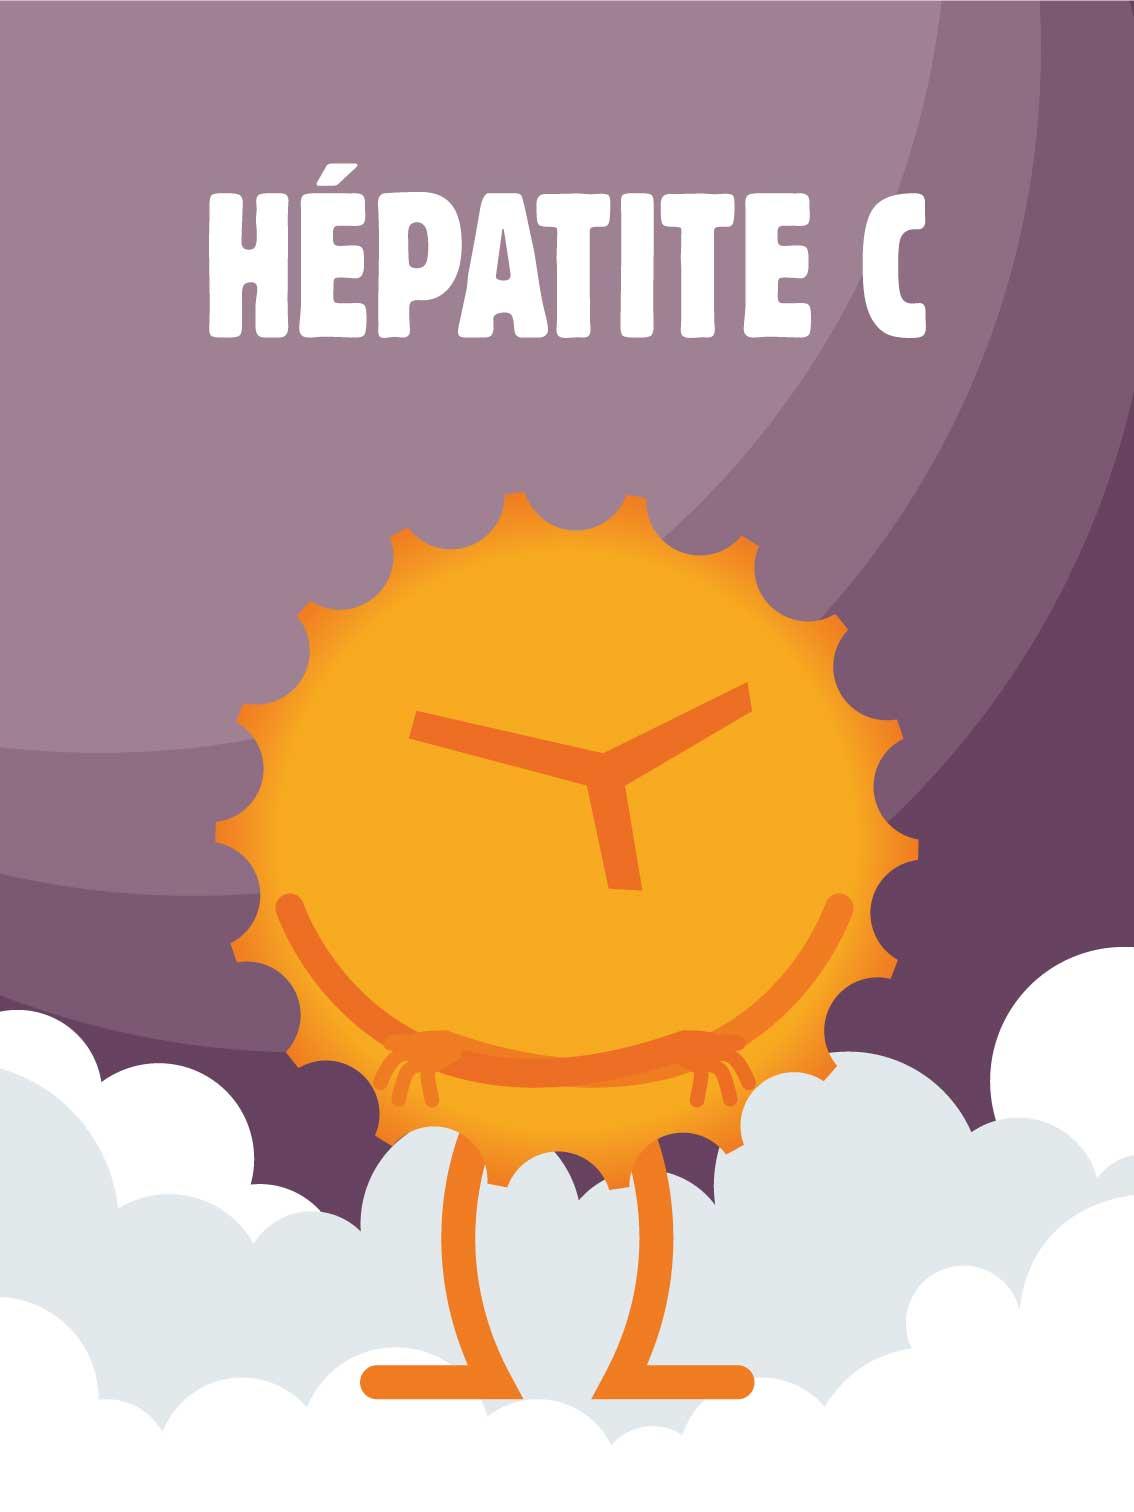 Hépatite C, IST, dépistage, MST, infections sexuellement transmissibles, rapport sexuel à risque